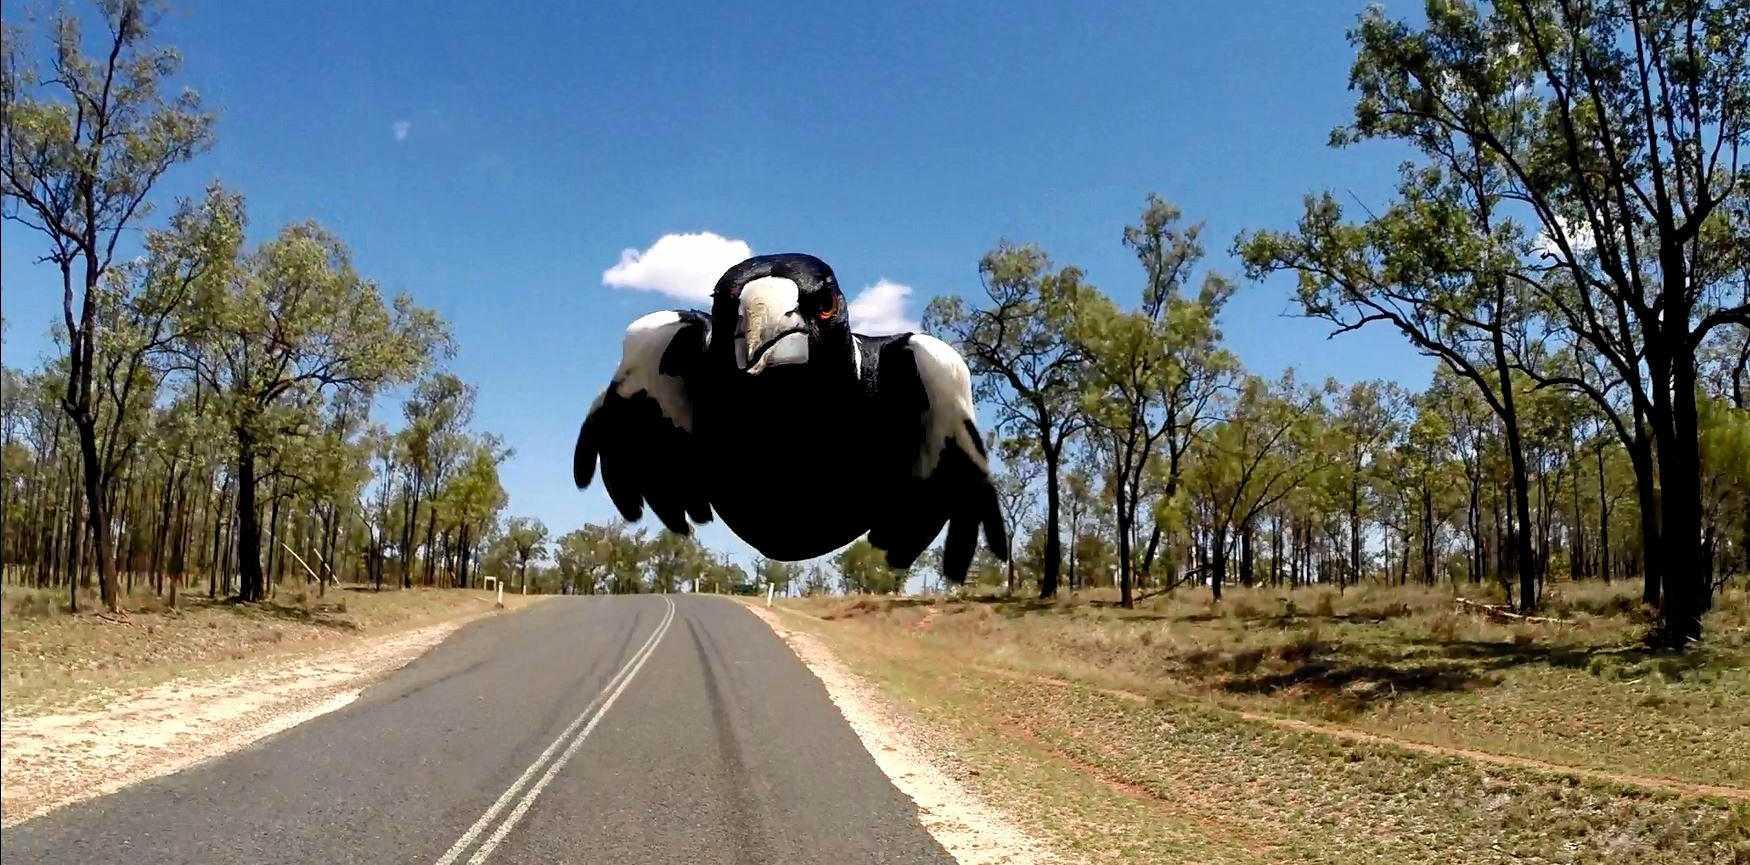 Magpie attack.